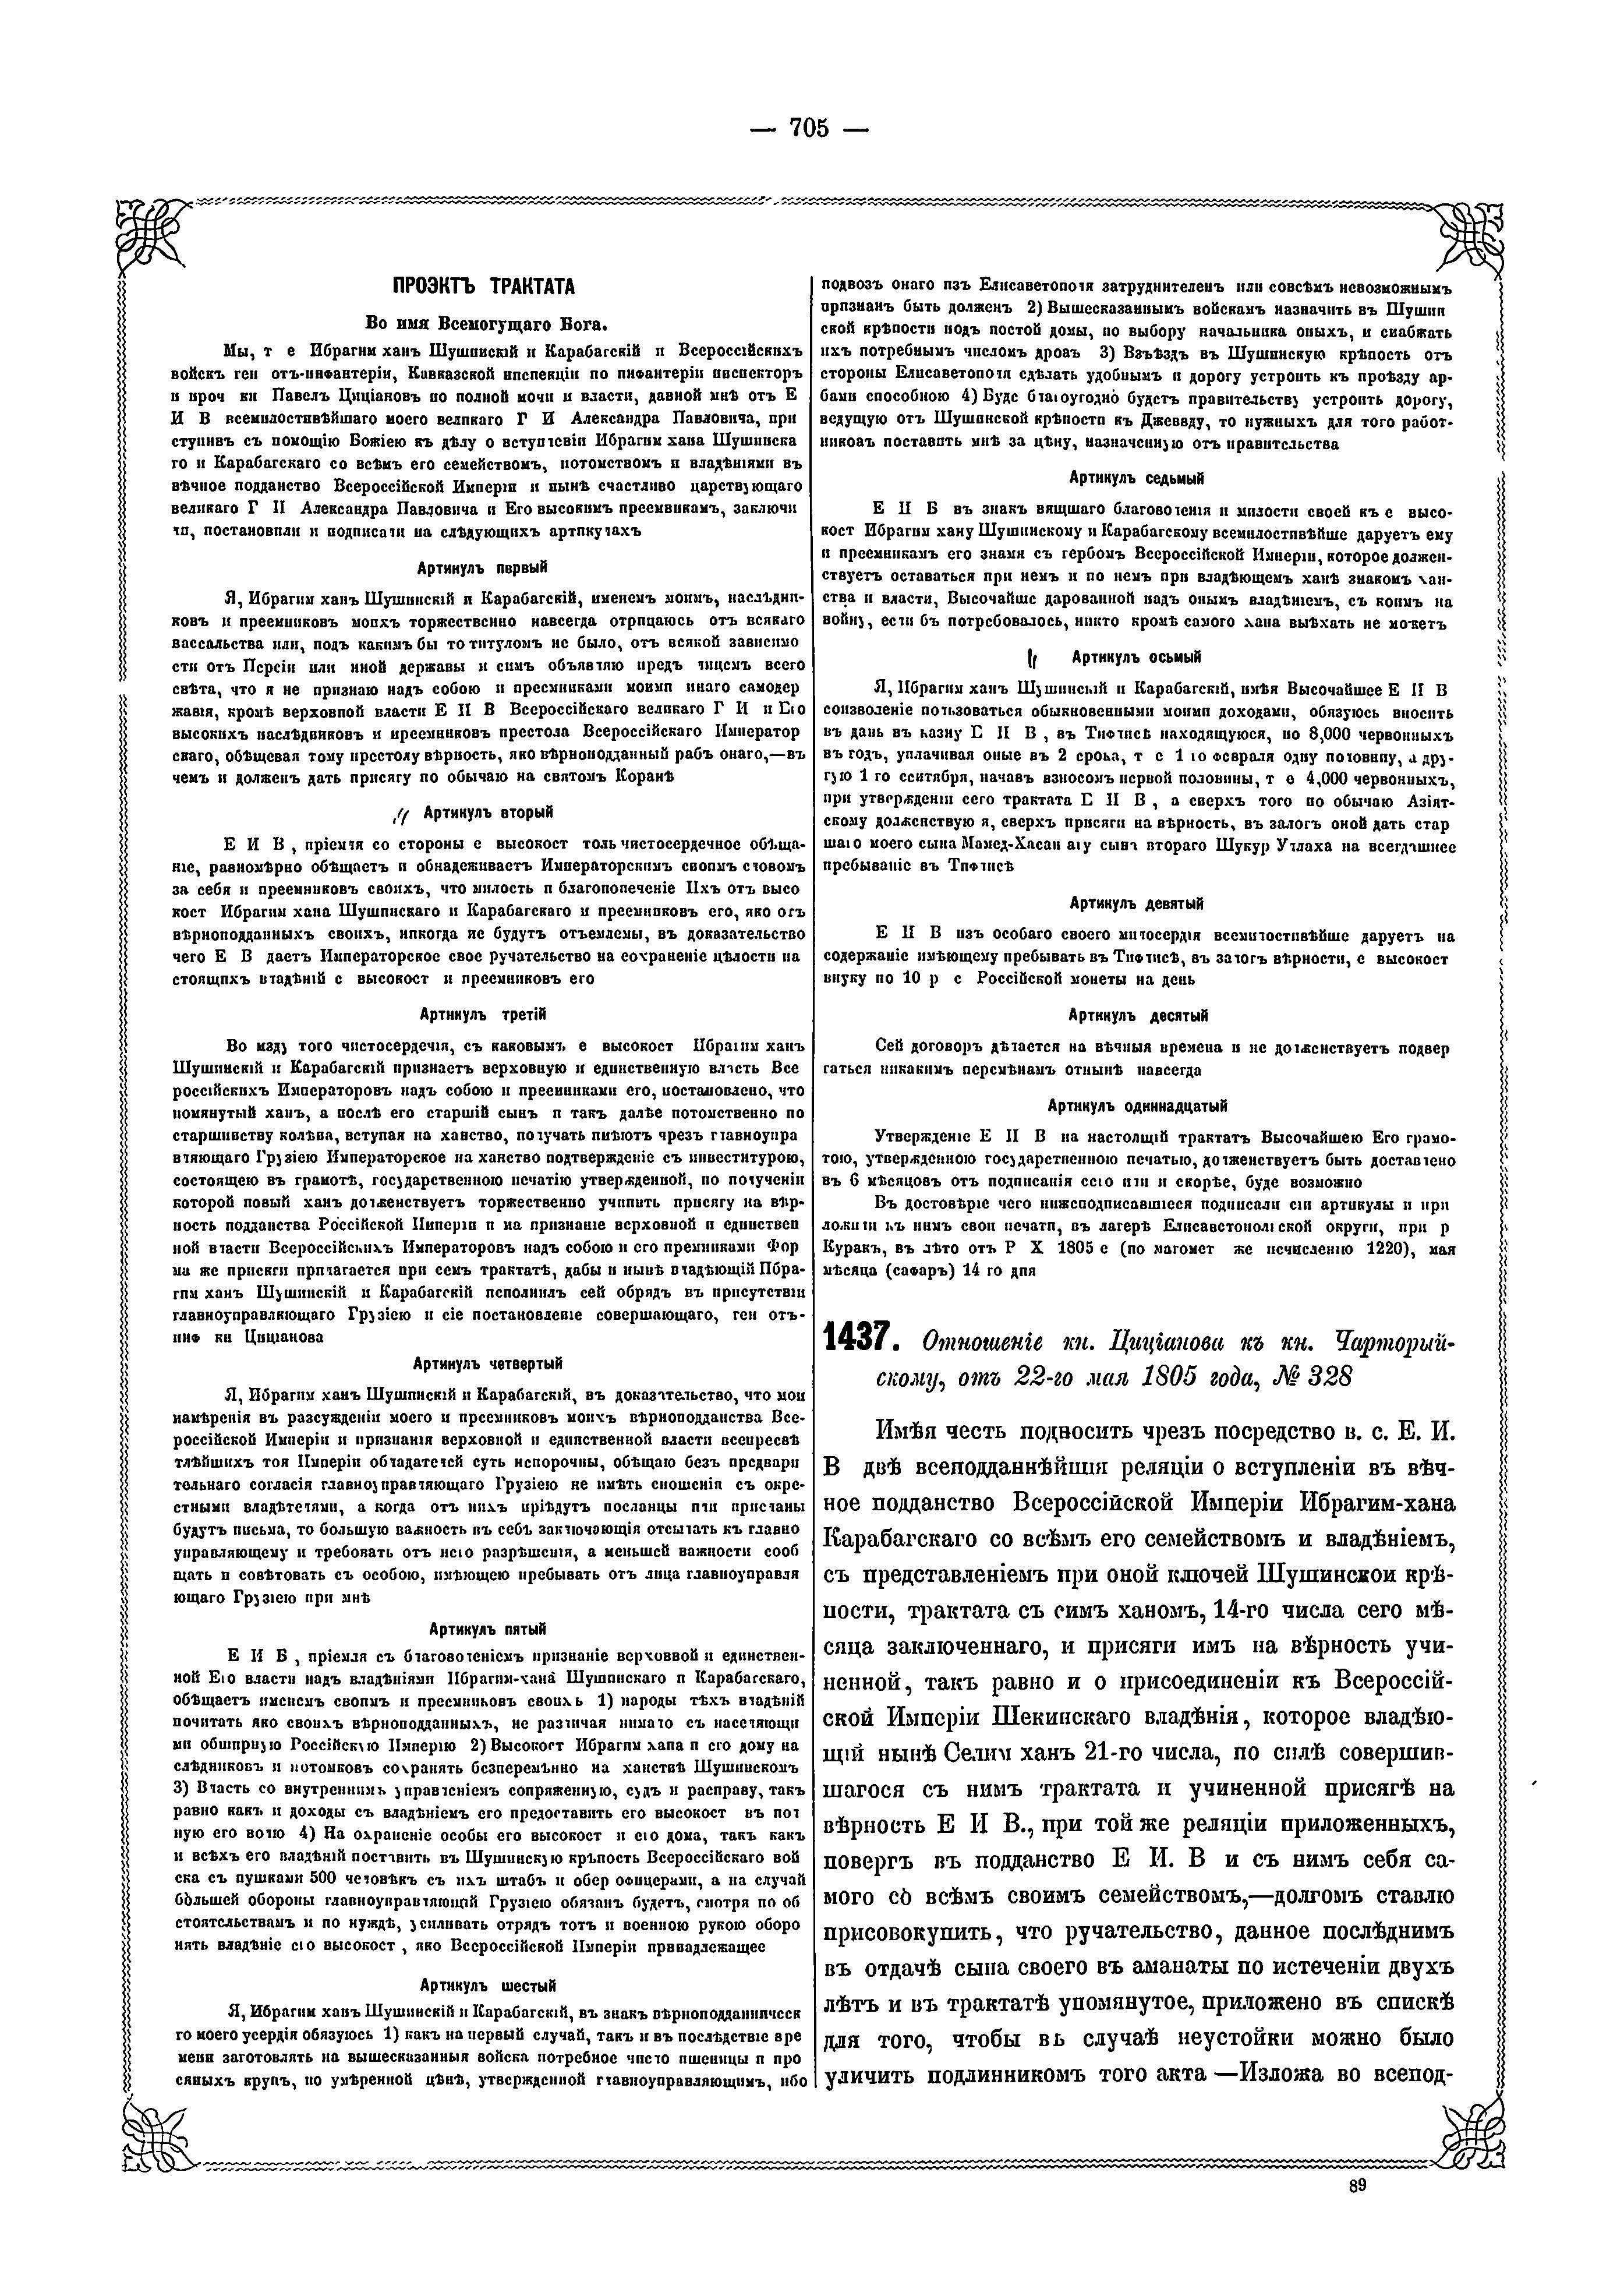 Кюрекчайском мирном договоре